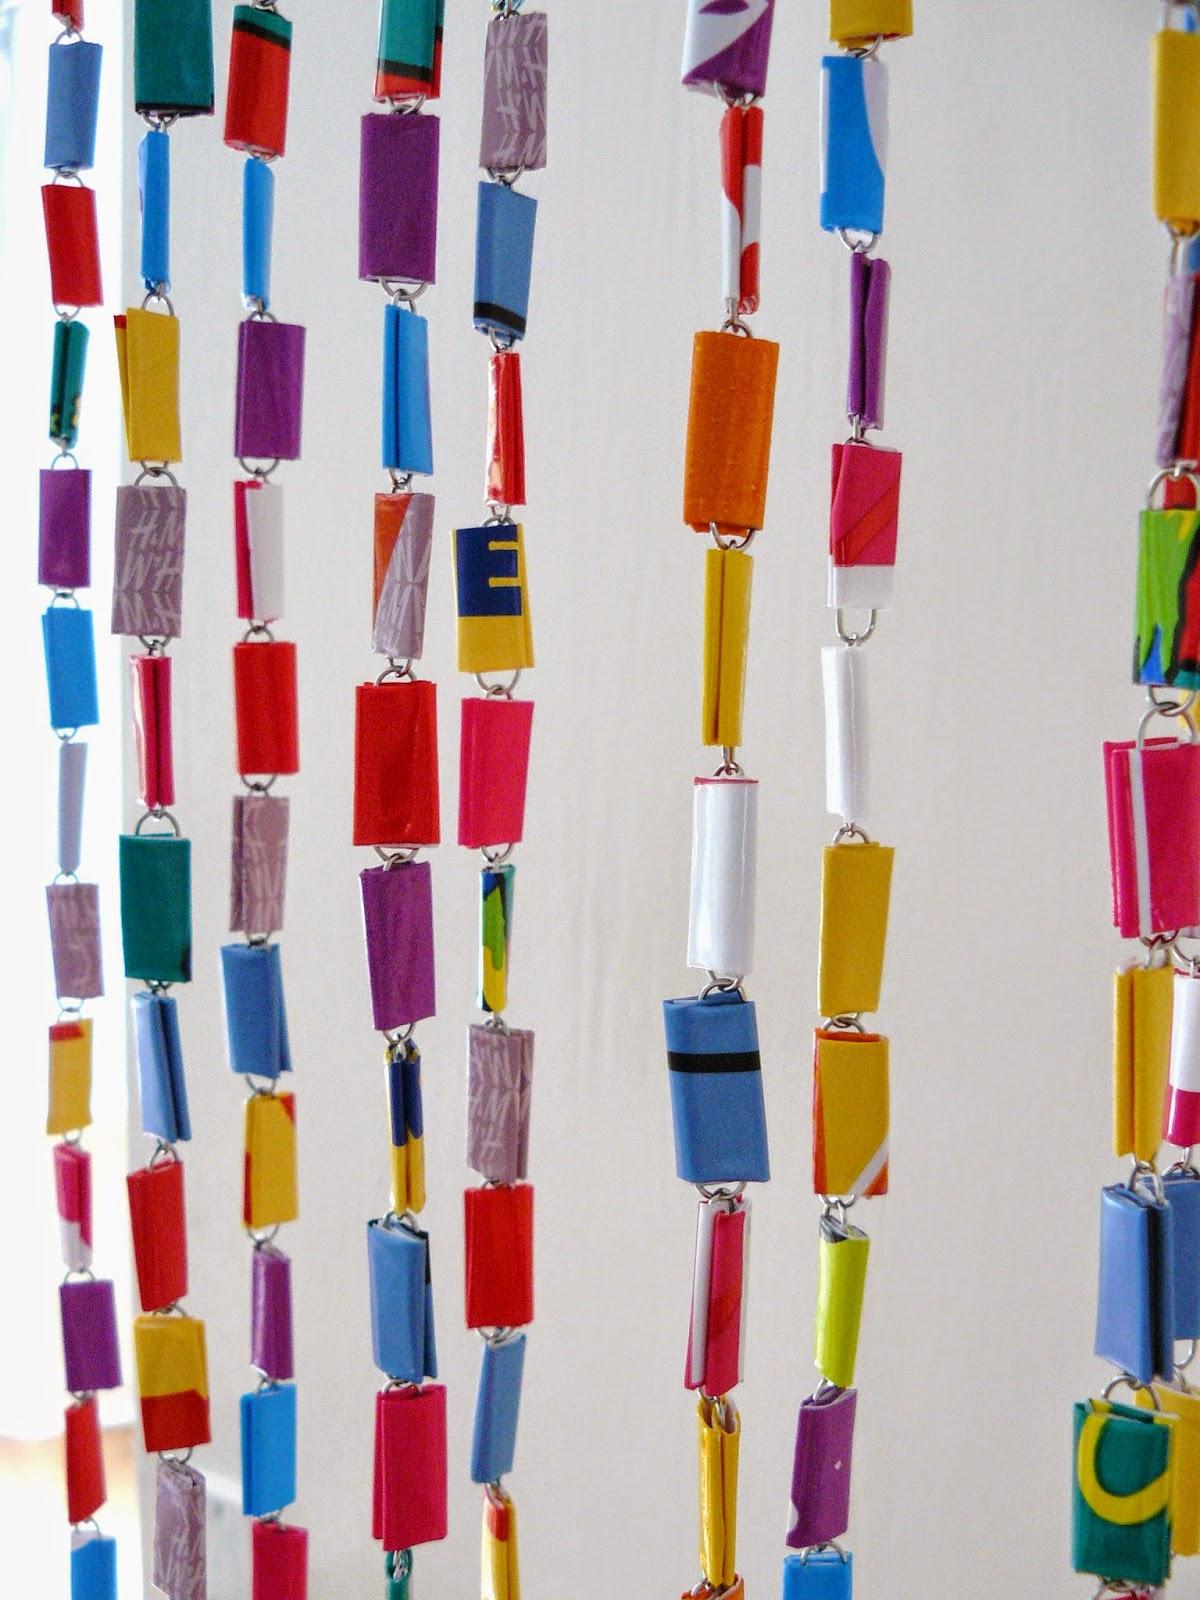 Vliegengordijn Plastic Slierten.Swenny S Creations Vliegengordijn In De Maak